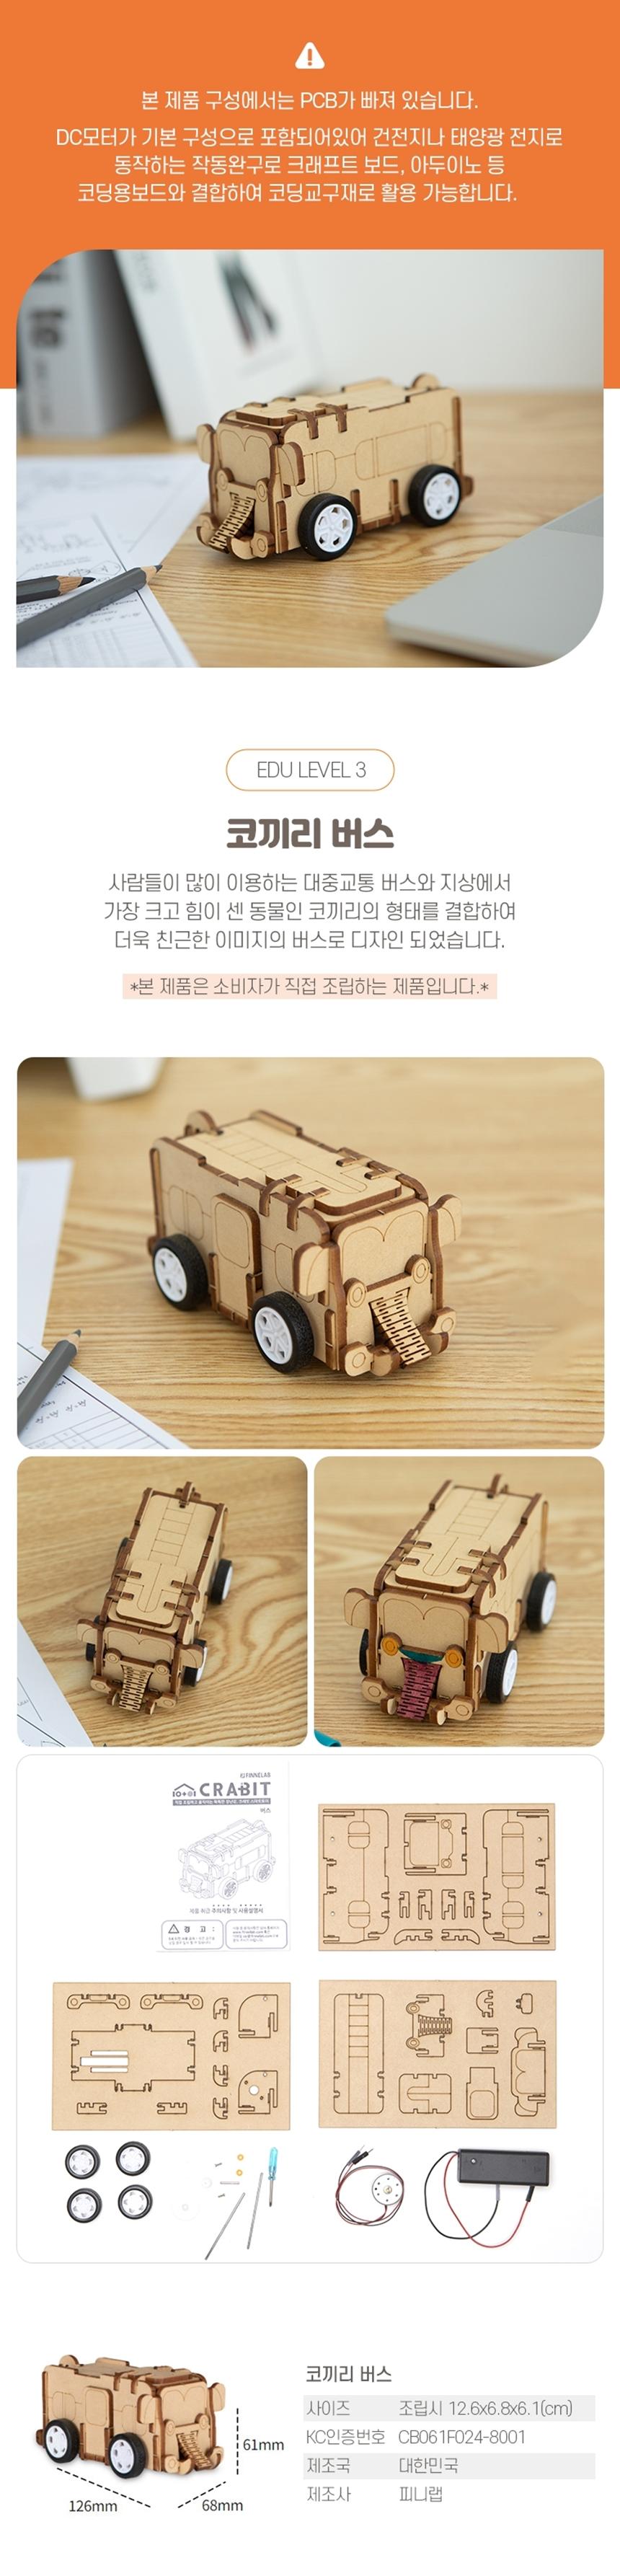 1코끼리 버스.jpg